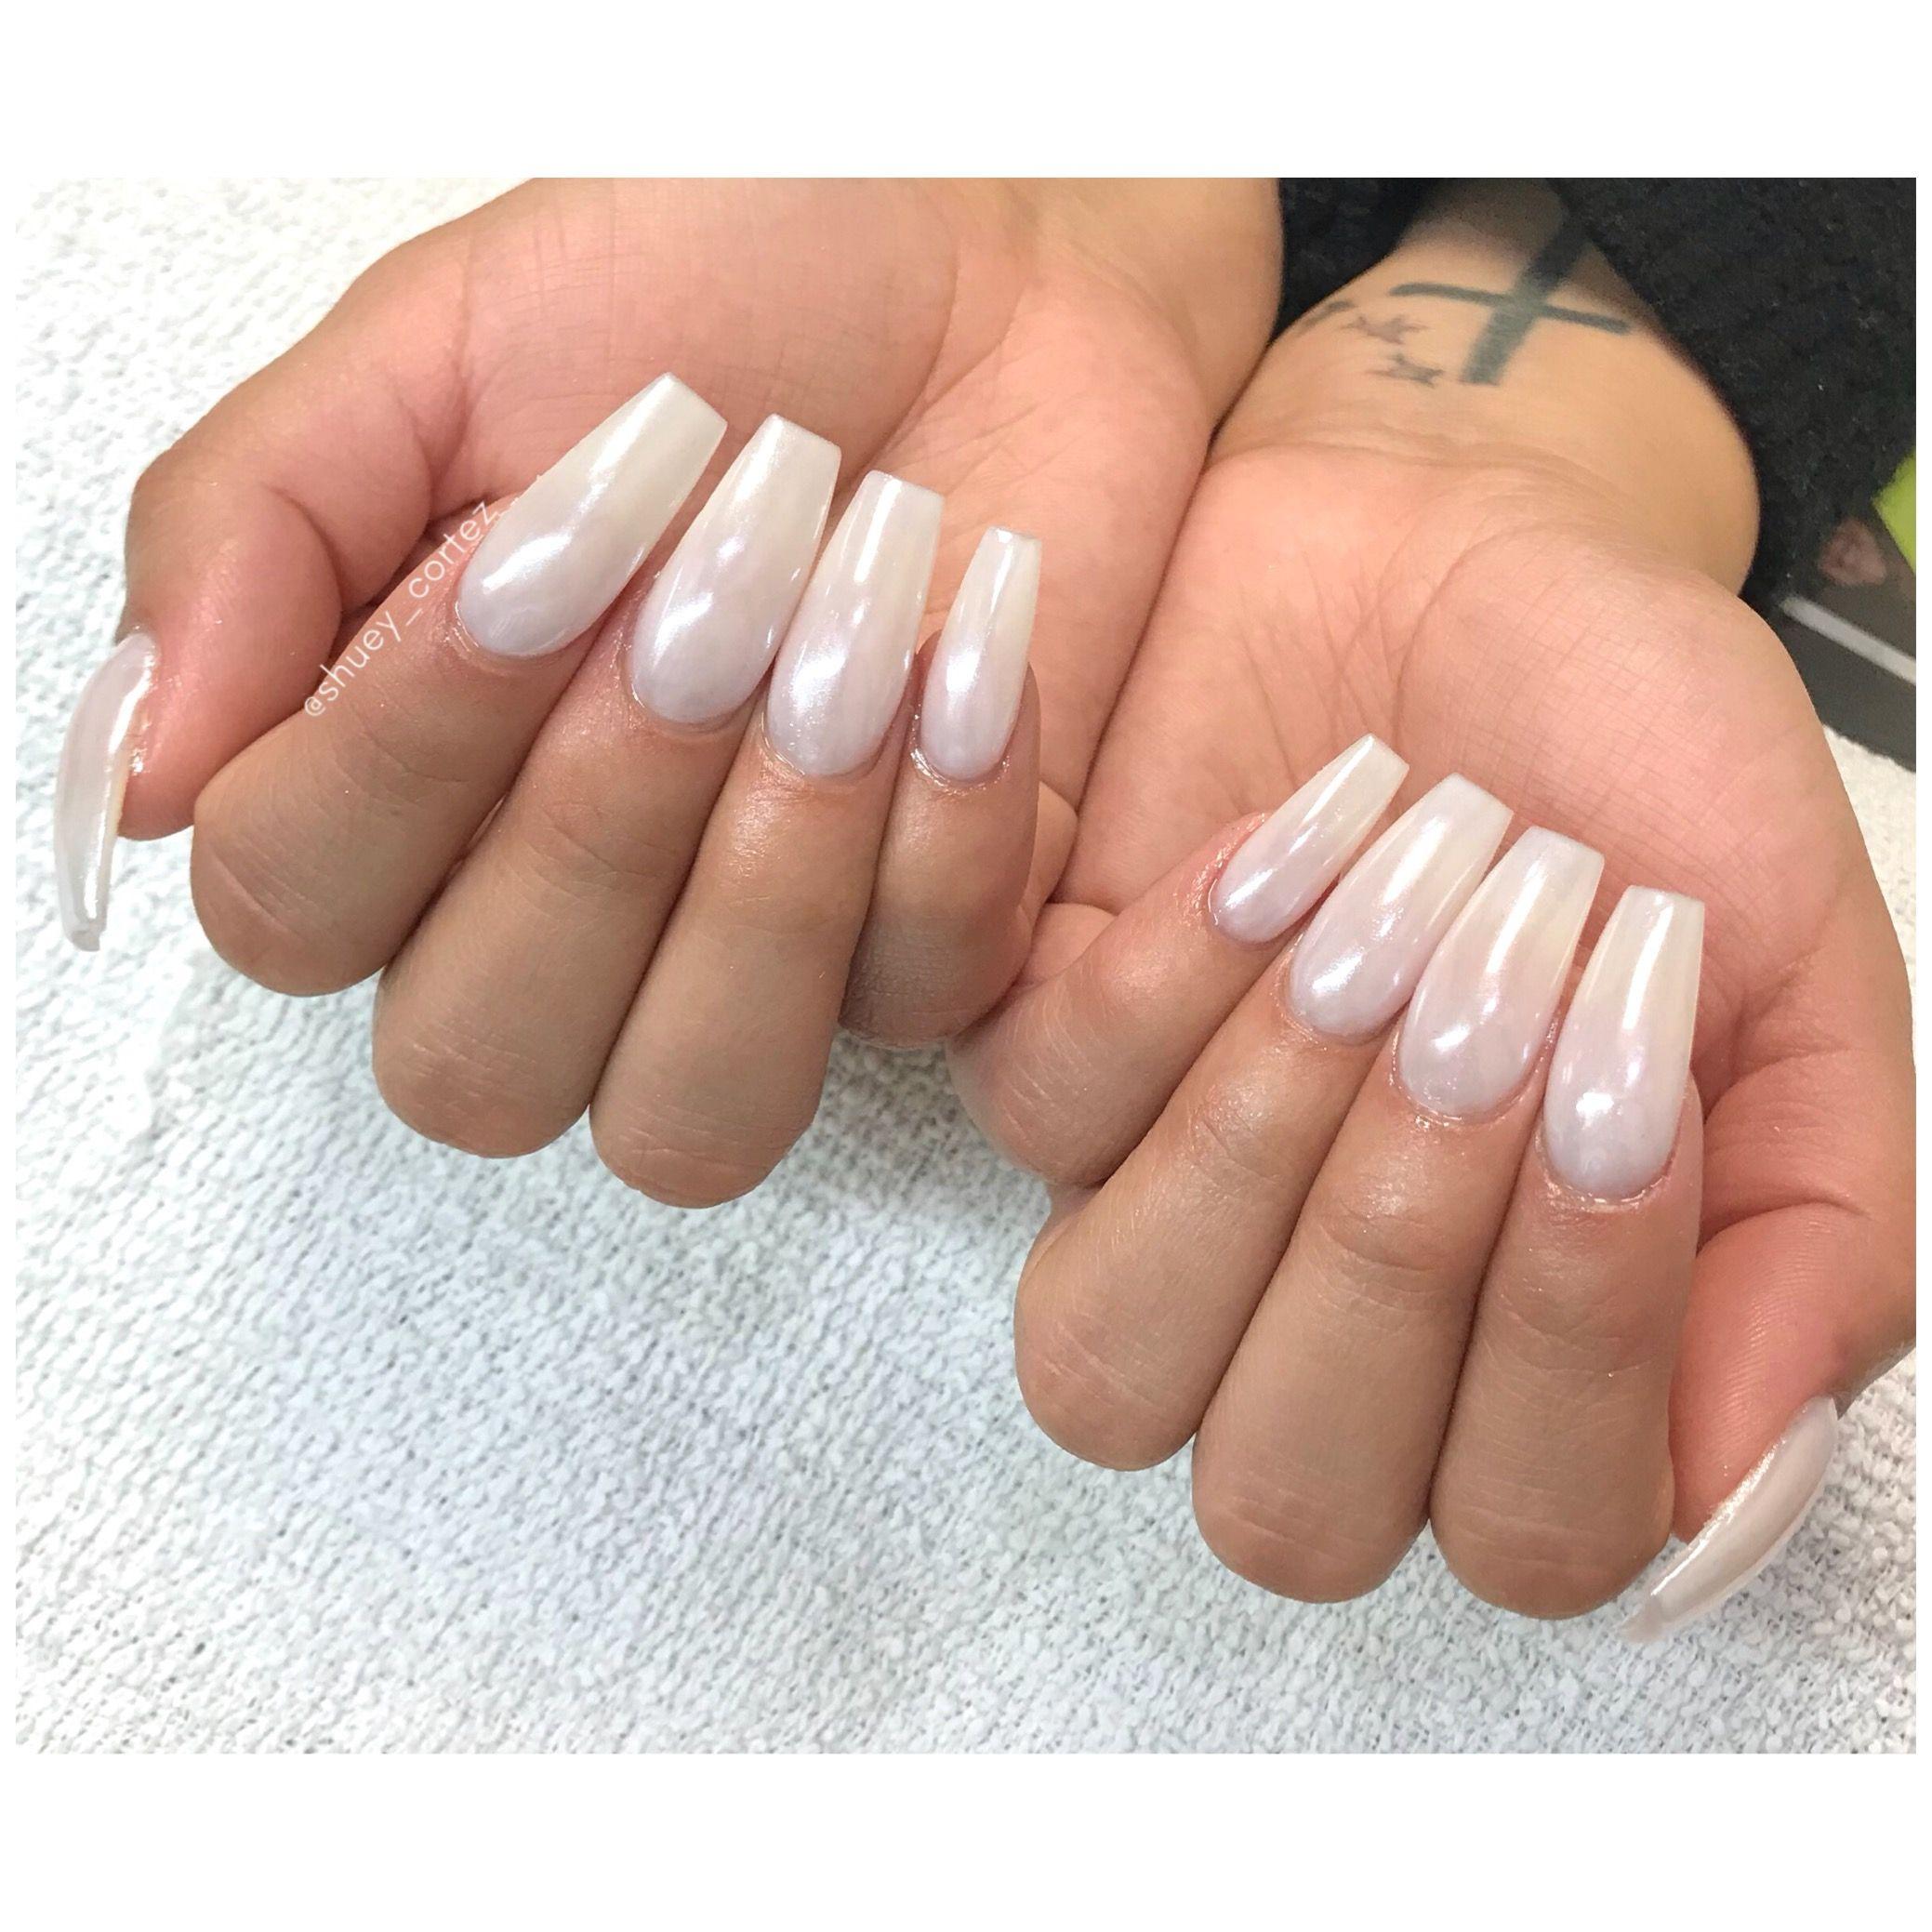 whitechrome #coffinnails #longnails #winternails #christmasnails ...